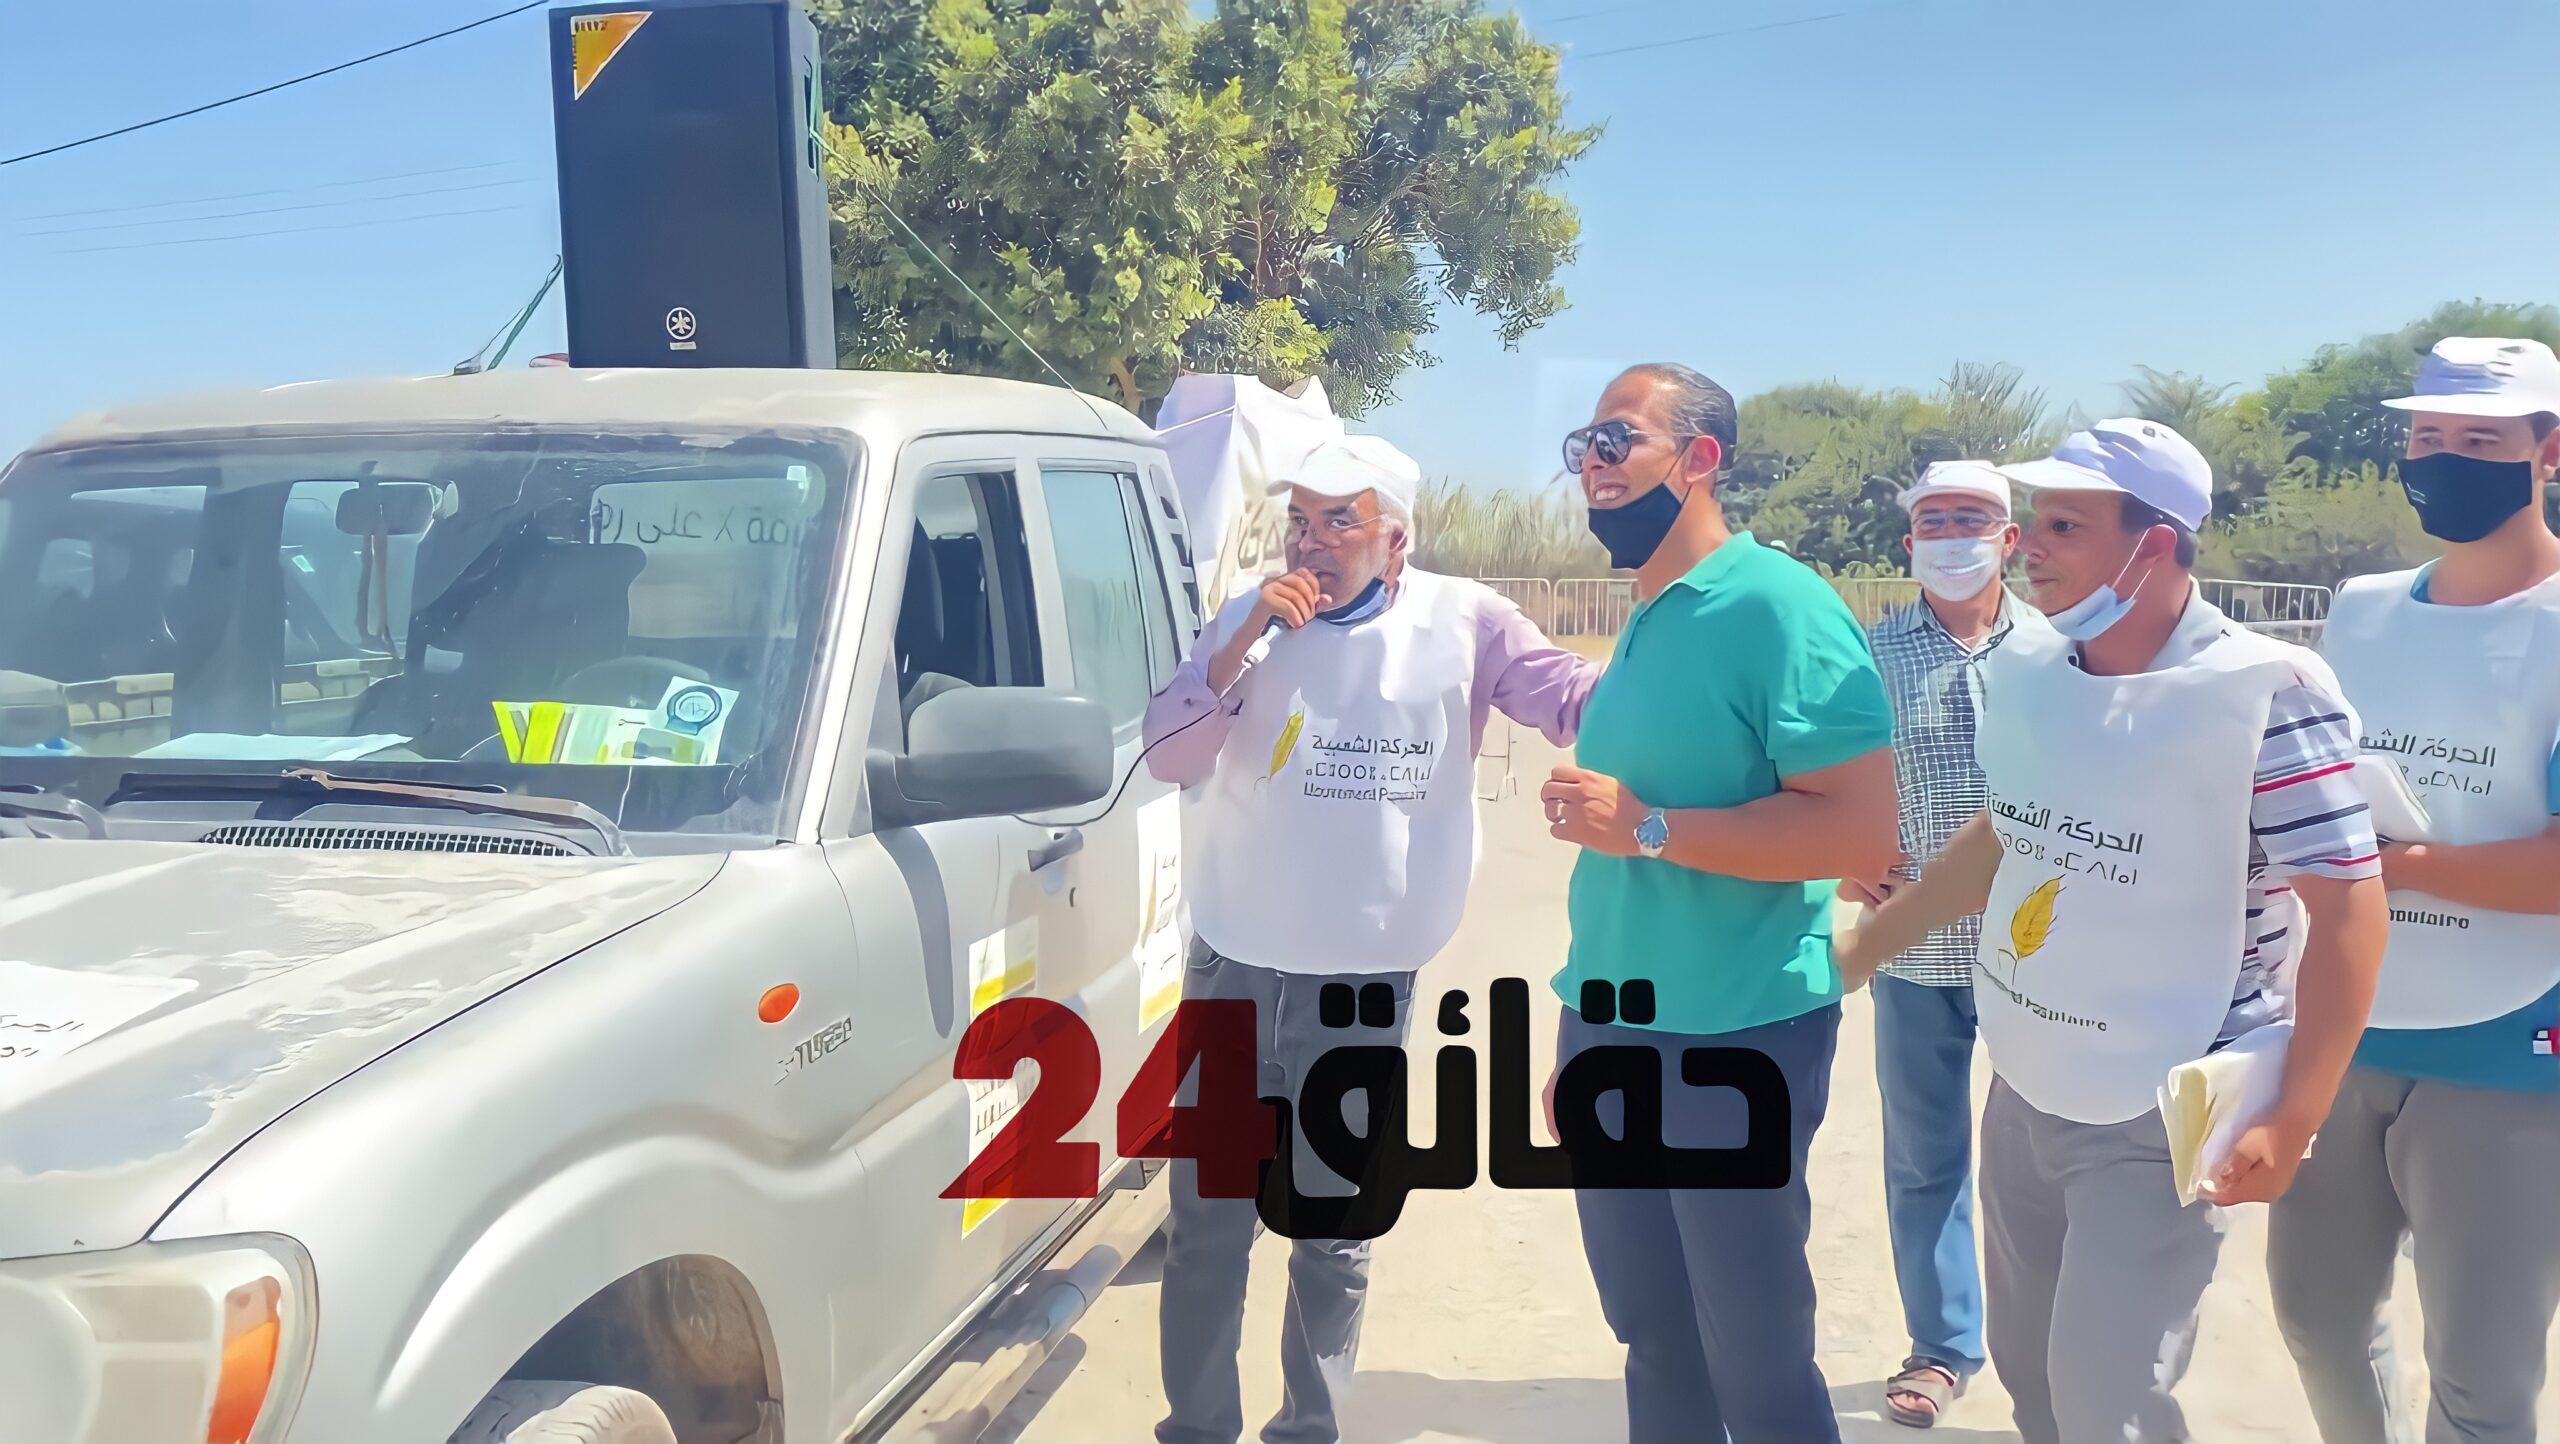 صورة البطل العالمي مصطفى لخصم رئيسا لجماعة إيموزار كندر